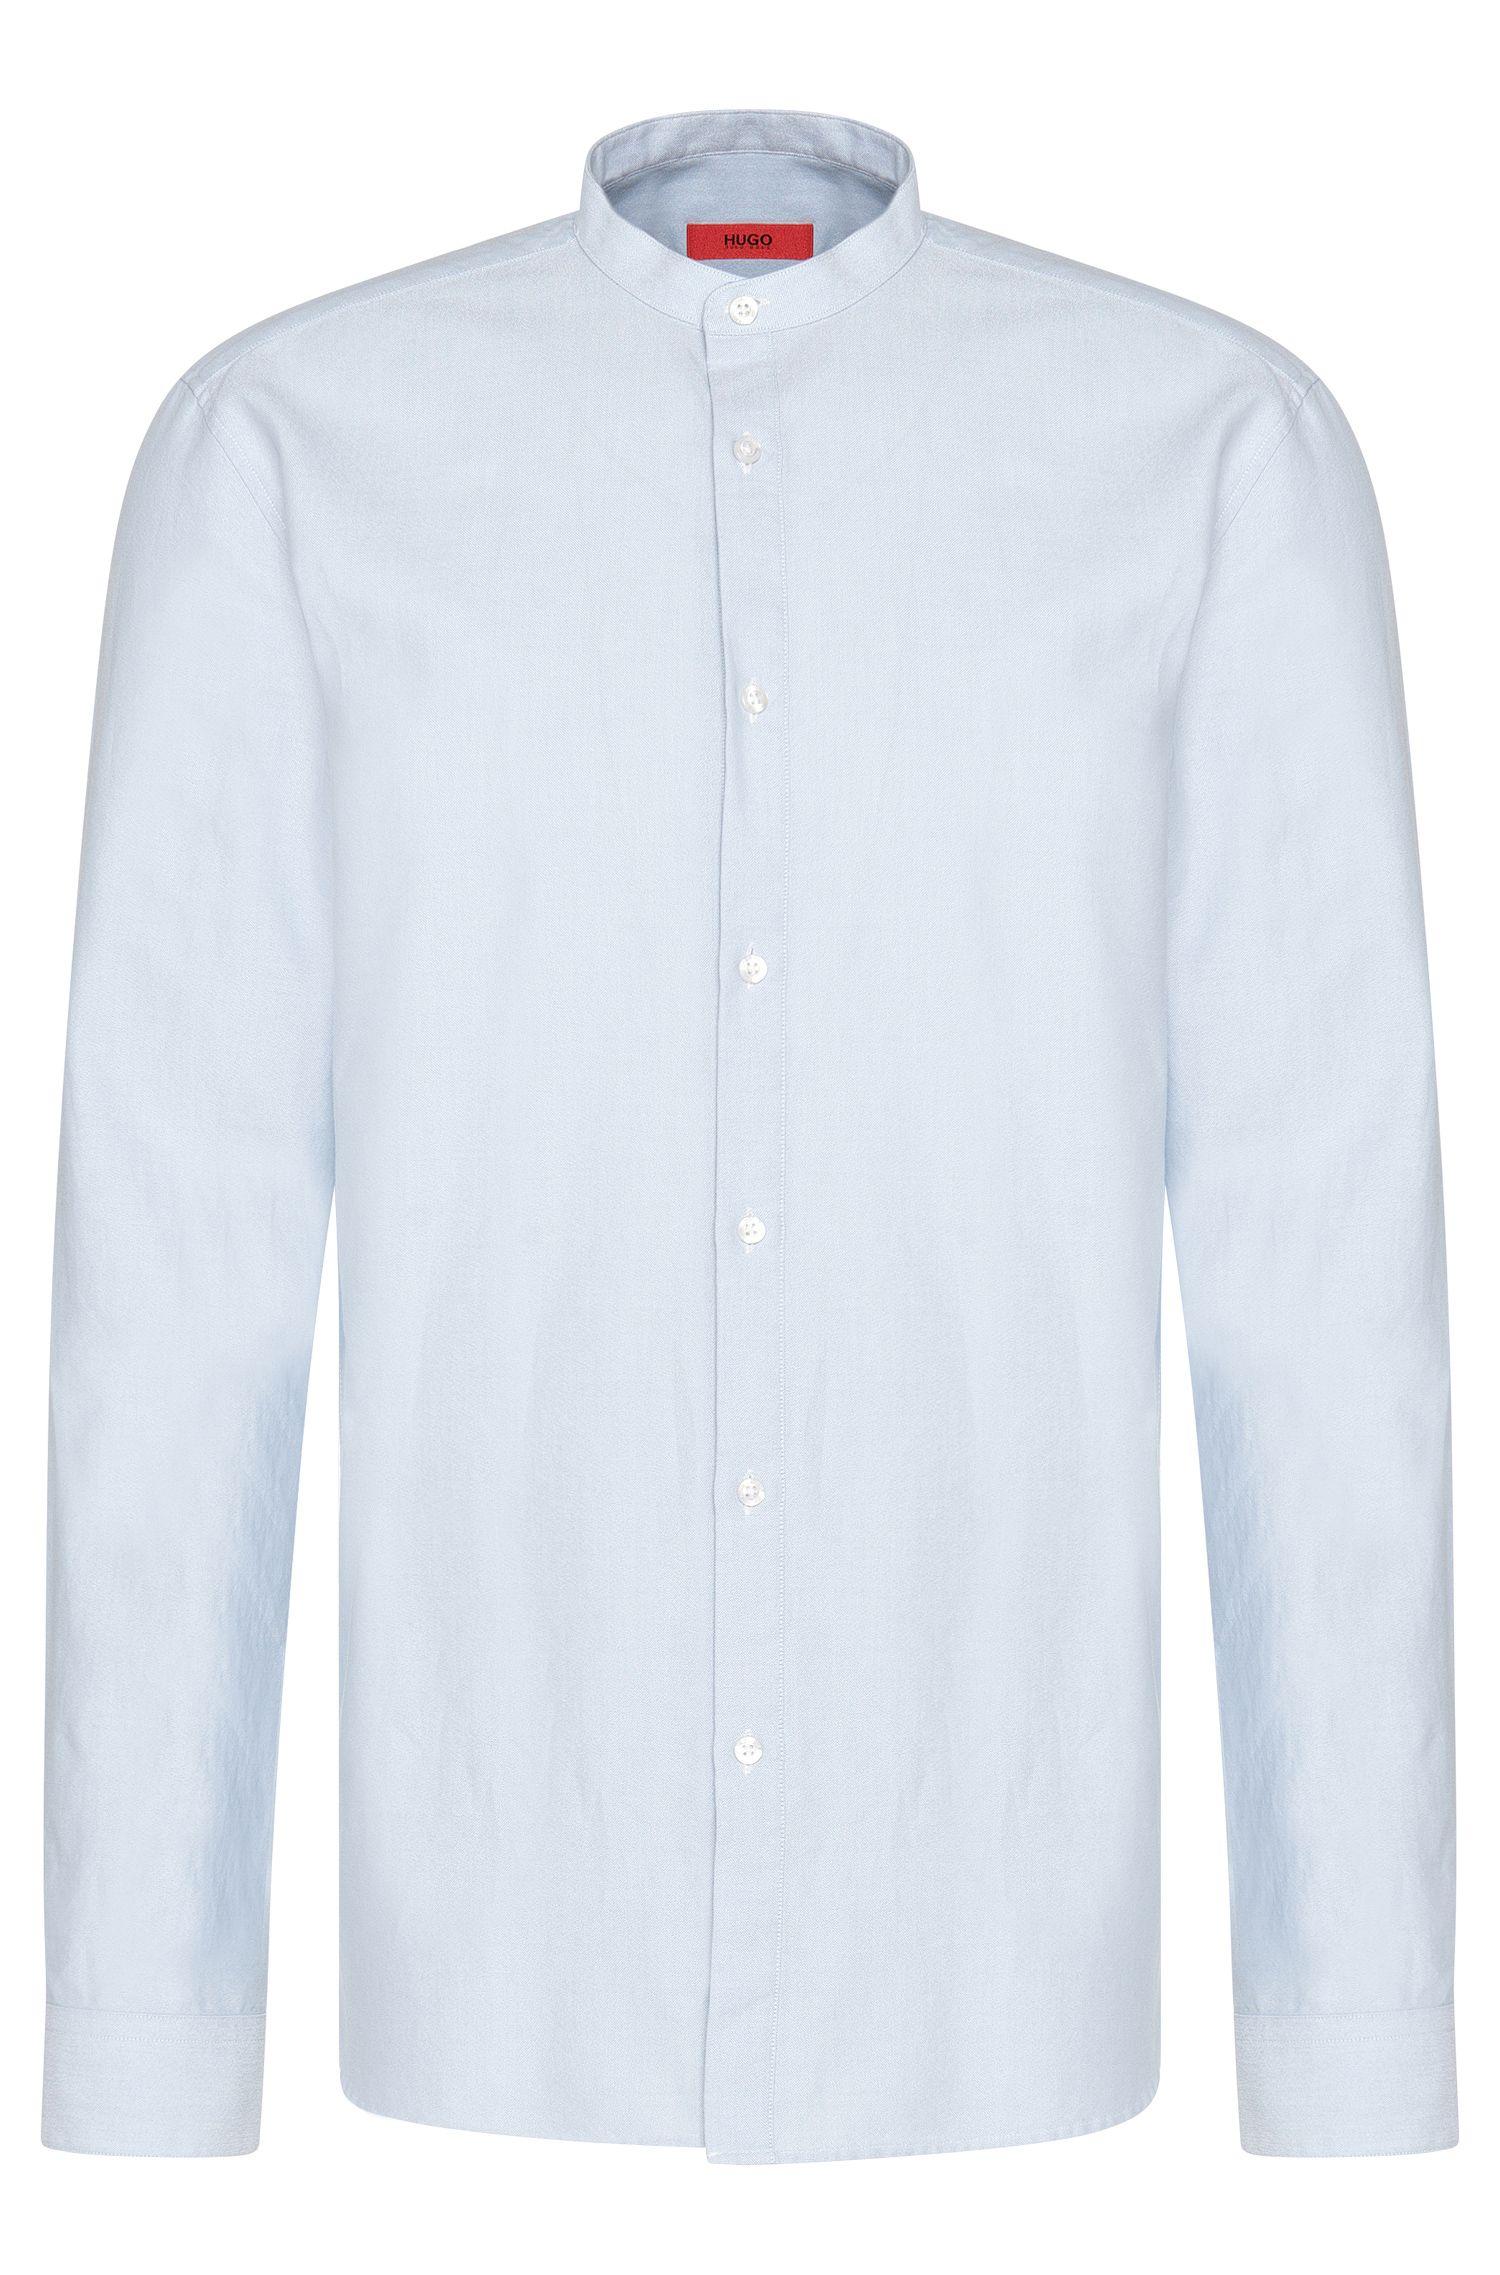 Unifarbenes Comfort-Fit Hemd aus Baumwolle: 'Edoug'